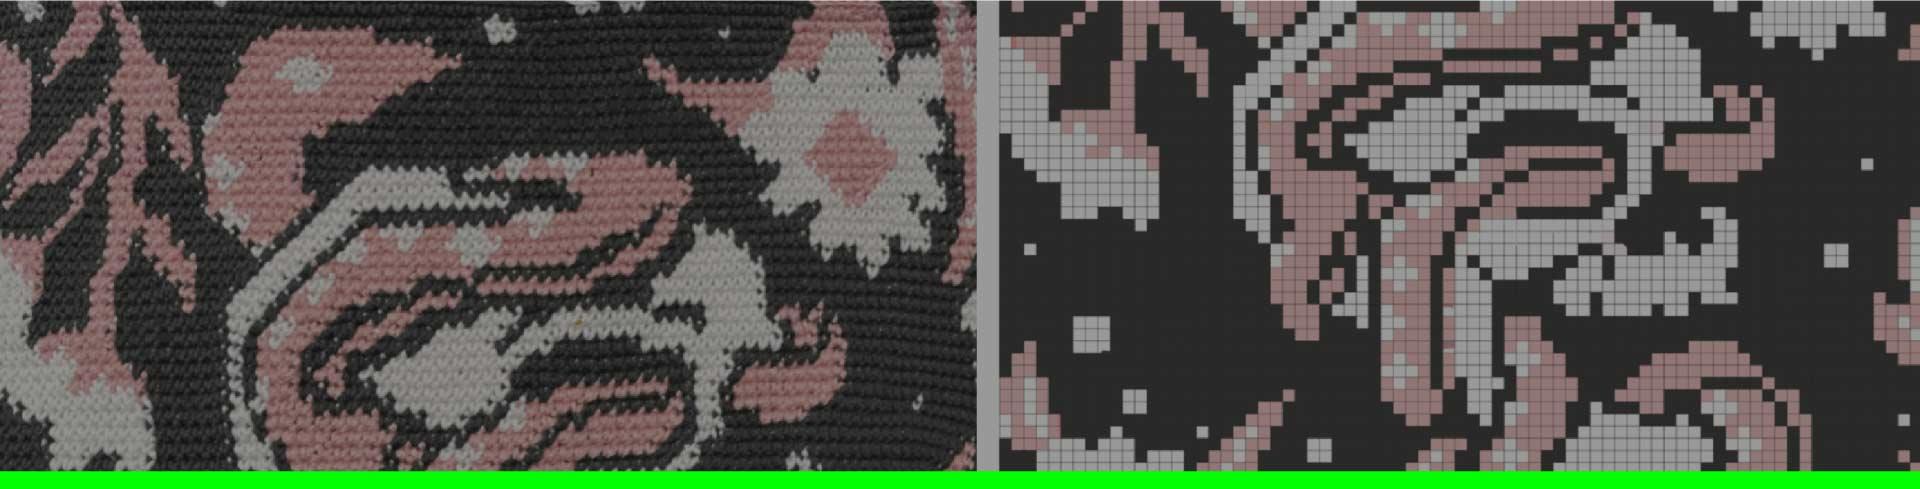 De imagen a punto: ilustrar con tejido